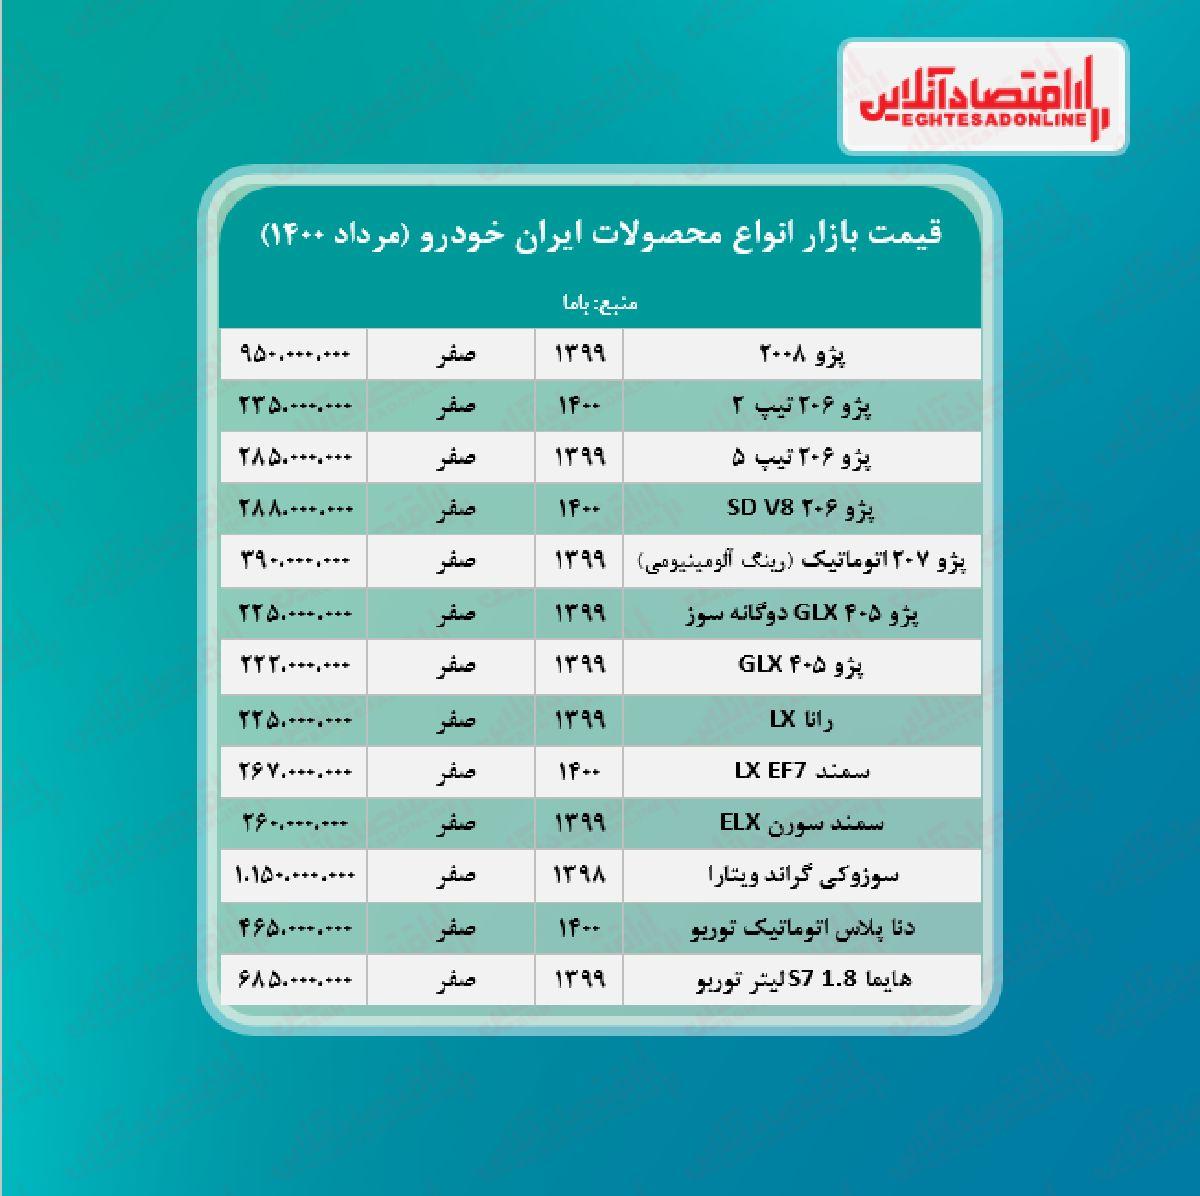 قیمت محصولات ایران خودرو امروز ۱۴۰۰/۵/۲۲